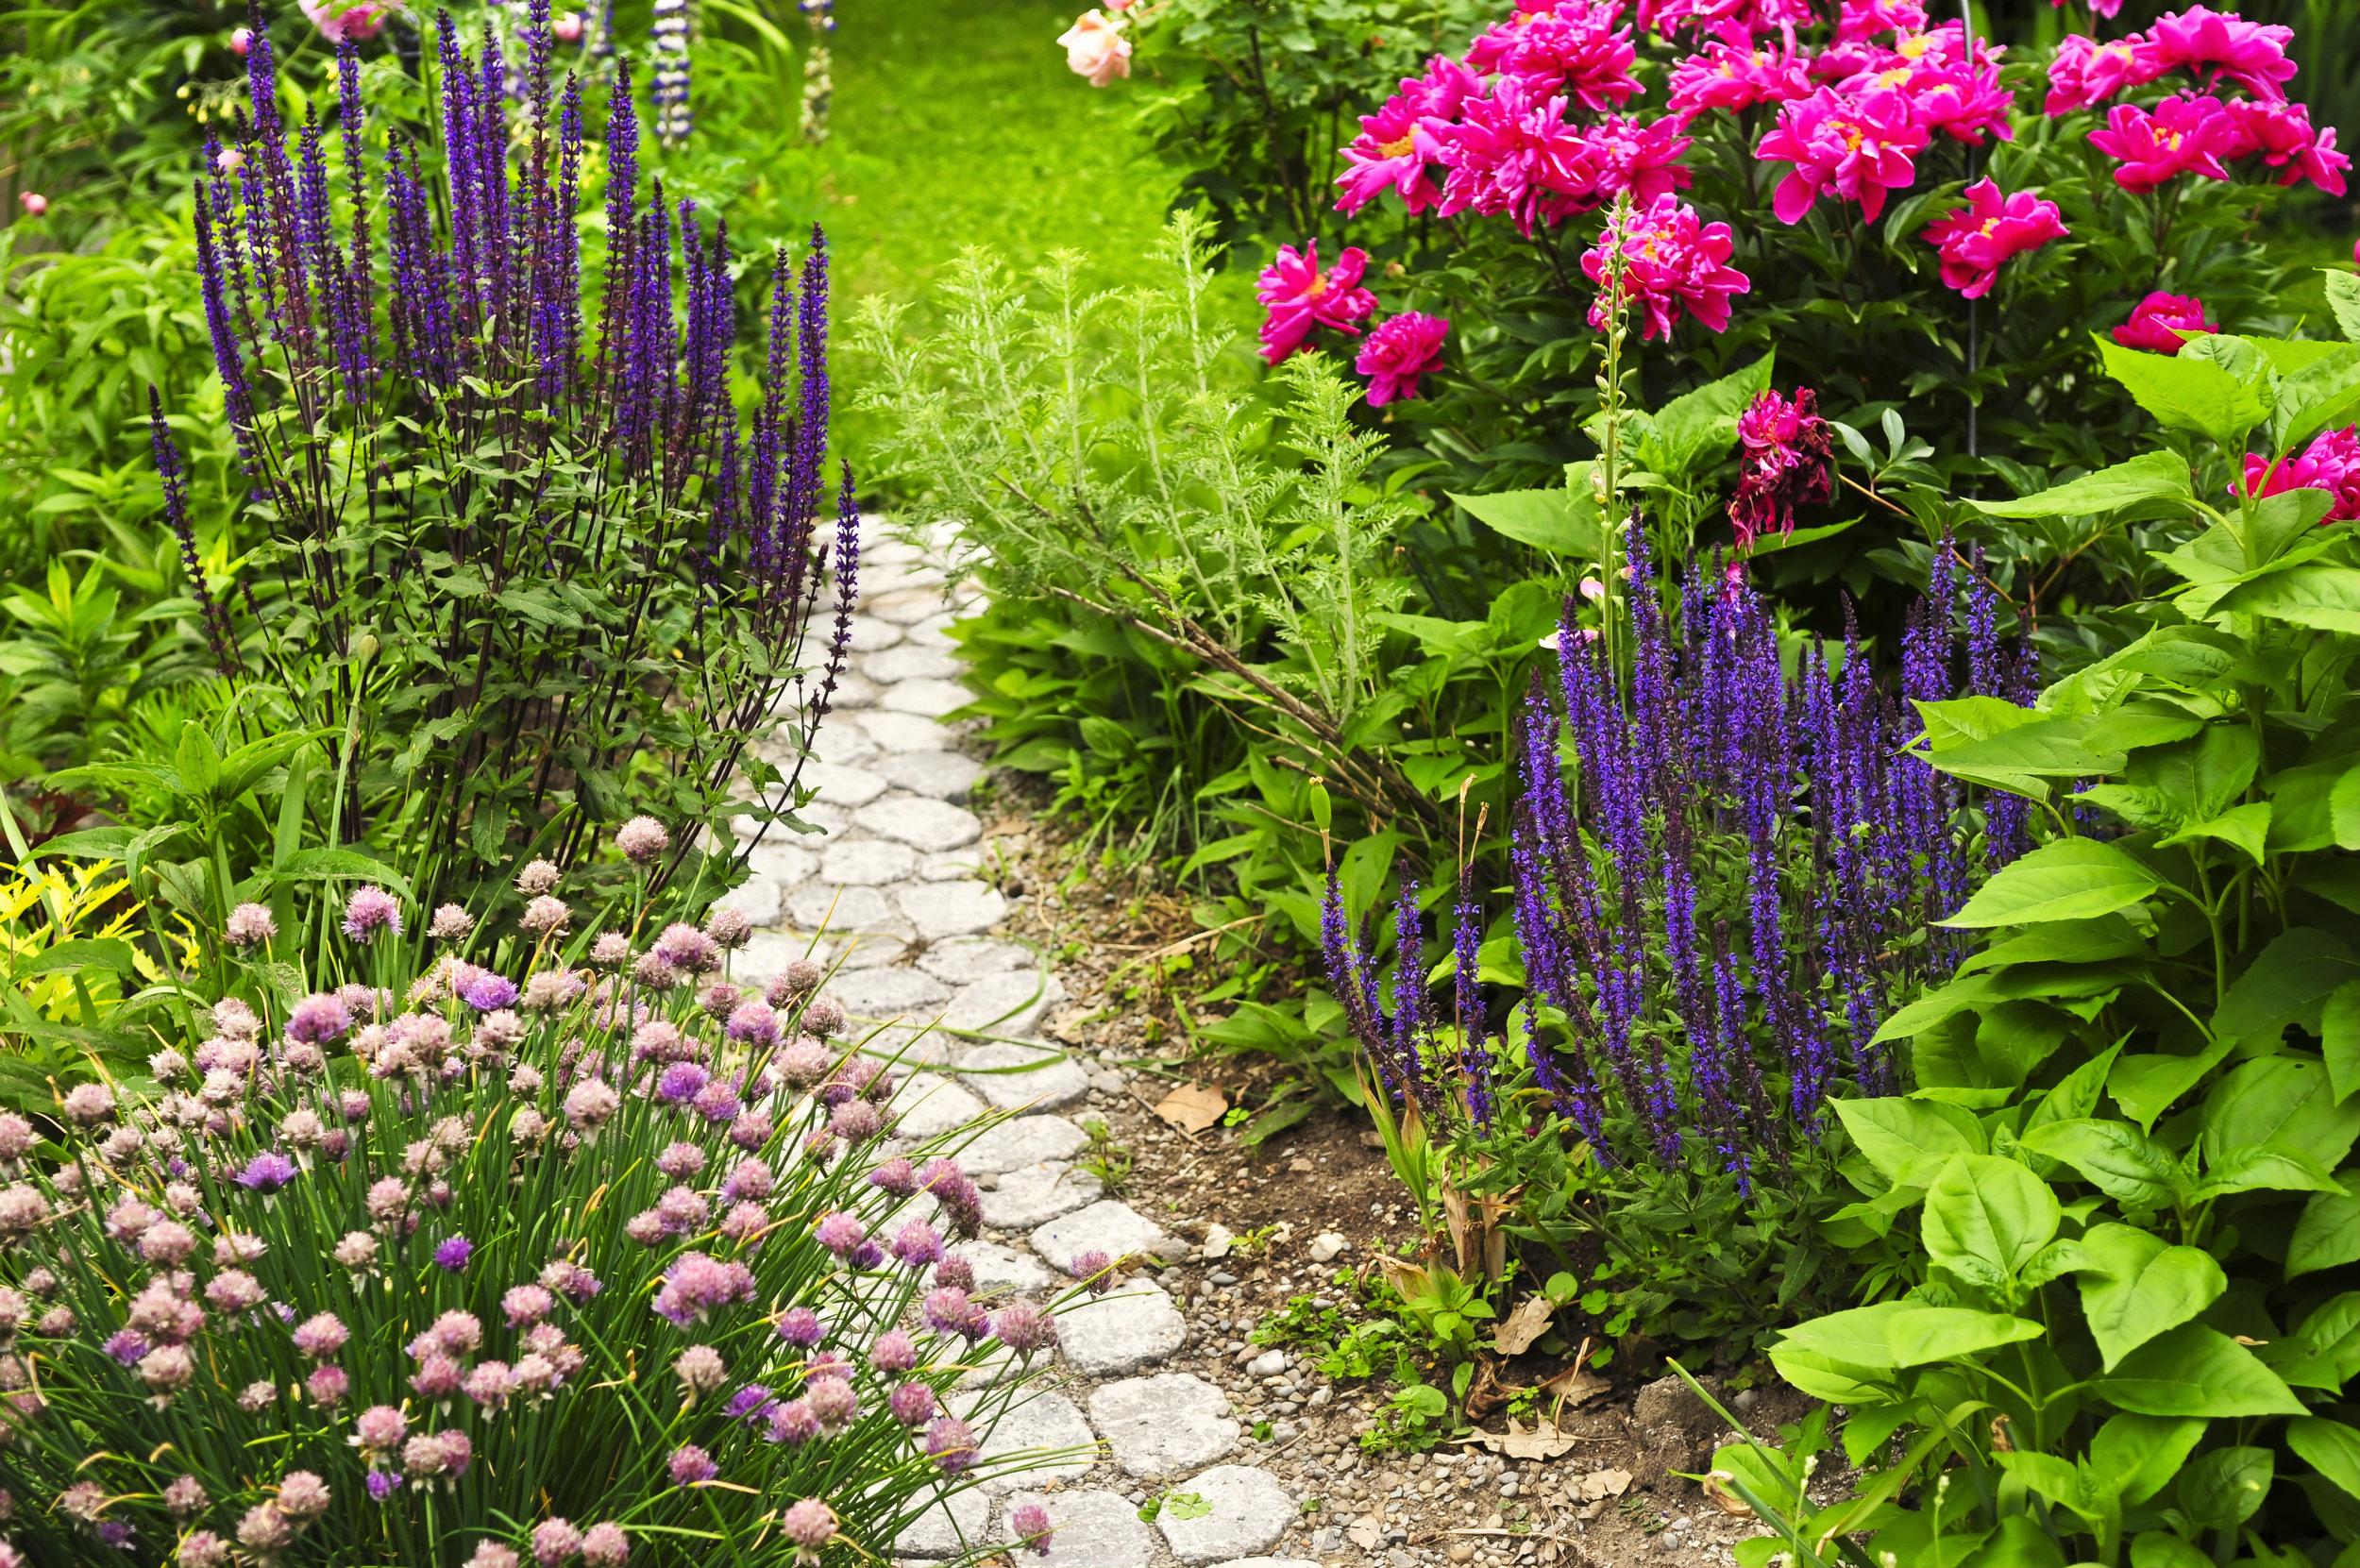 Enviroscapes Grounds Management | Atlanta's Premier Flower Landscape Company | Chive, Flowering, Nature, Plant, Garden, Flower, Purple